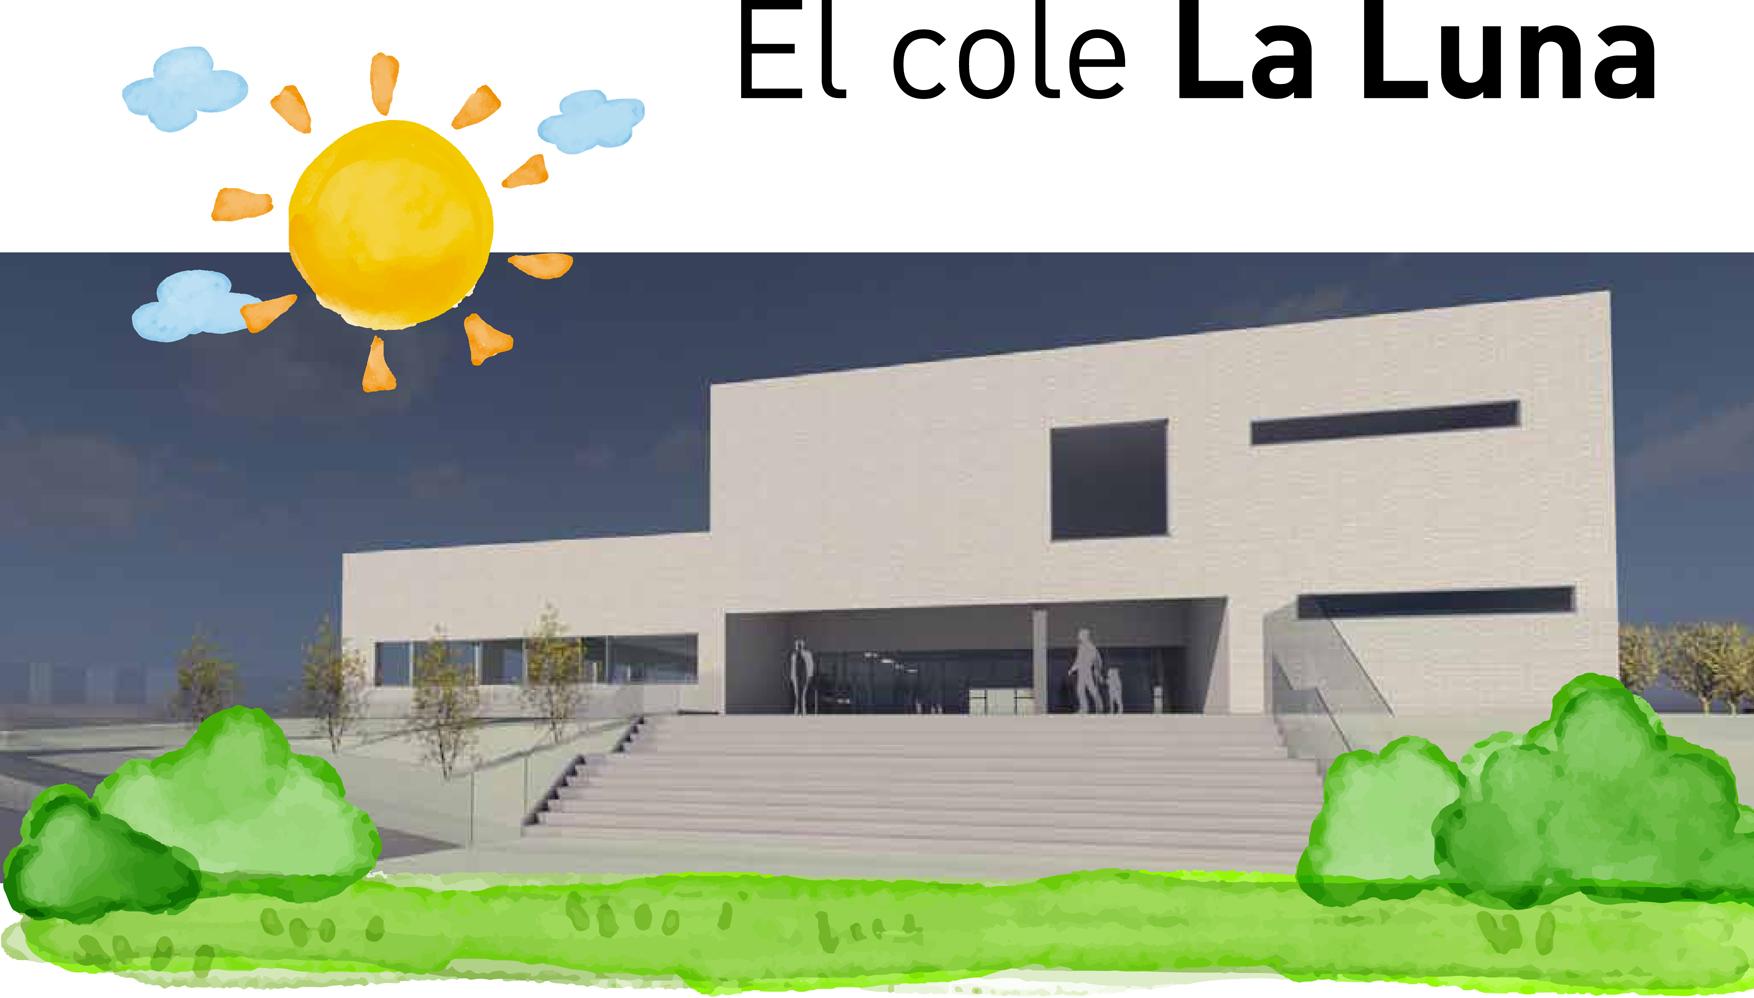 ¿Quieres saber como será el nuevo colegio La Luna?